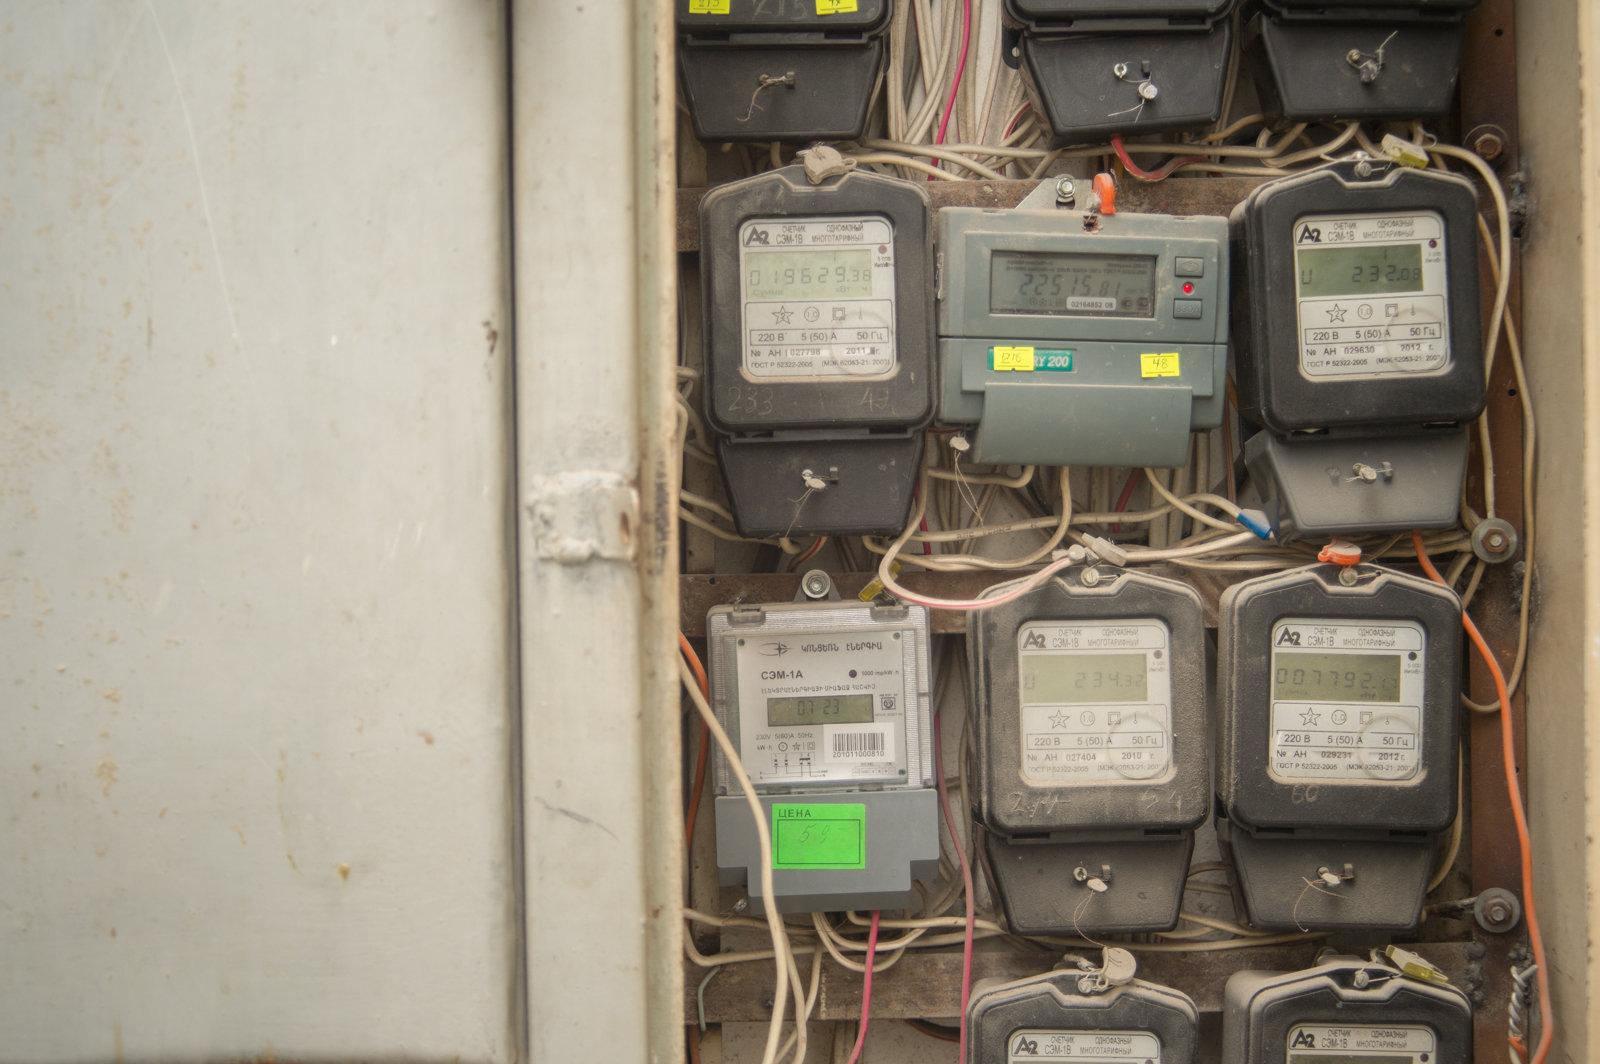 Էլեկտրաէներգիայի սակագինը հնարավոր է նվազի 3 դրամով